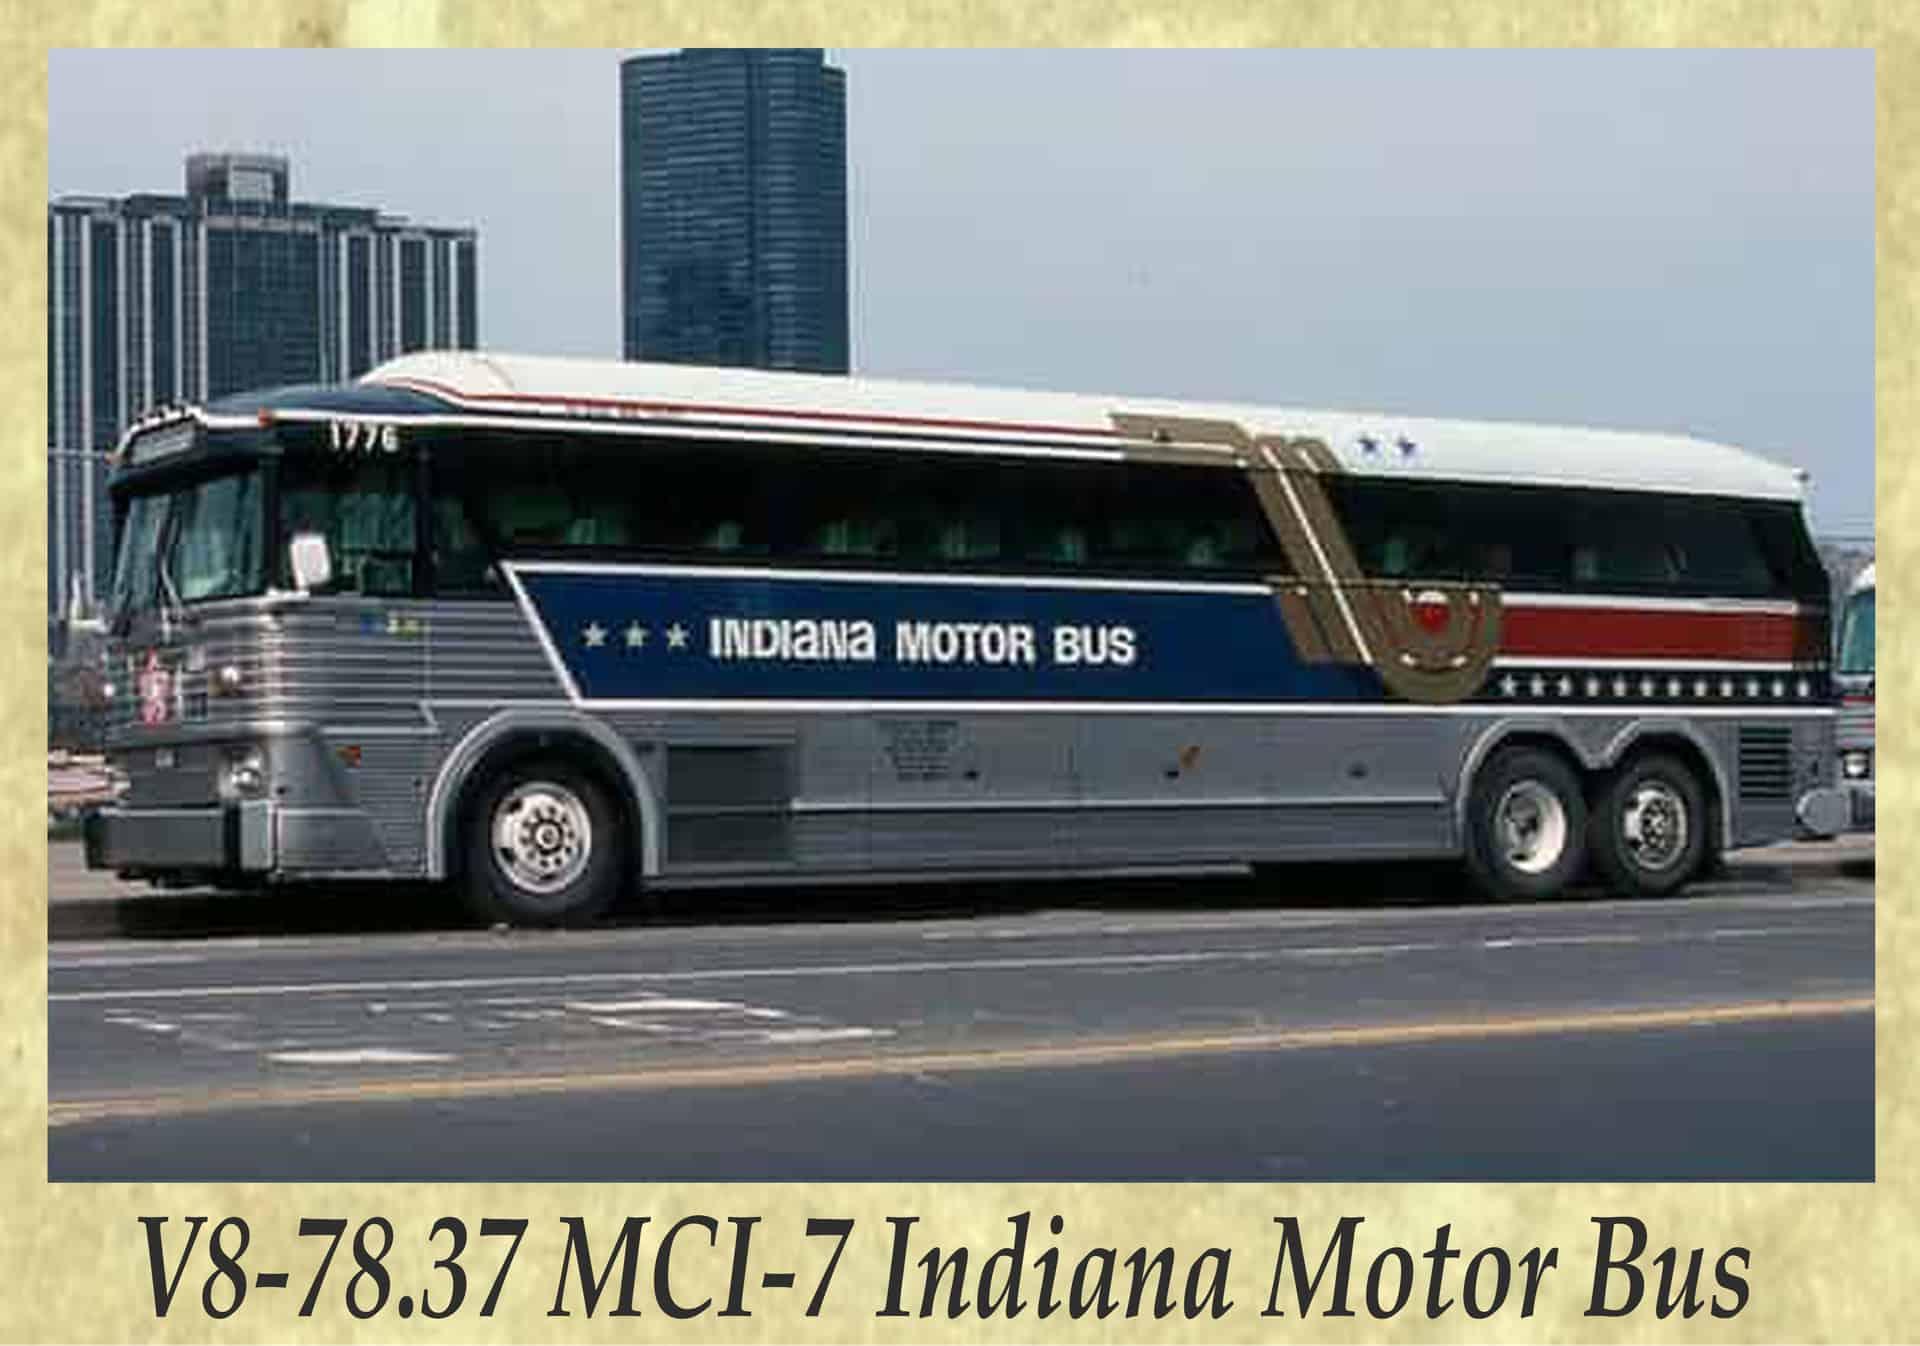 V8-78.37 MCI-7 Indiana Motor Bus